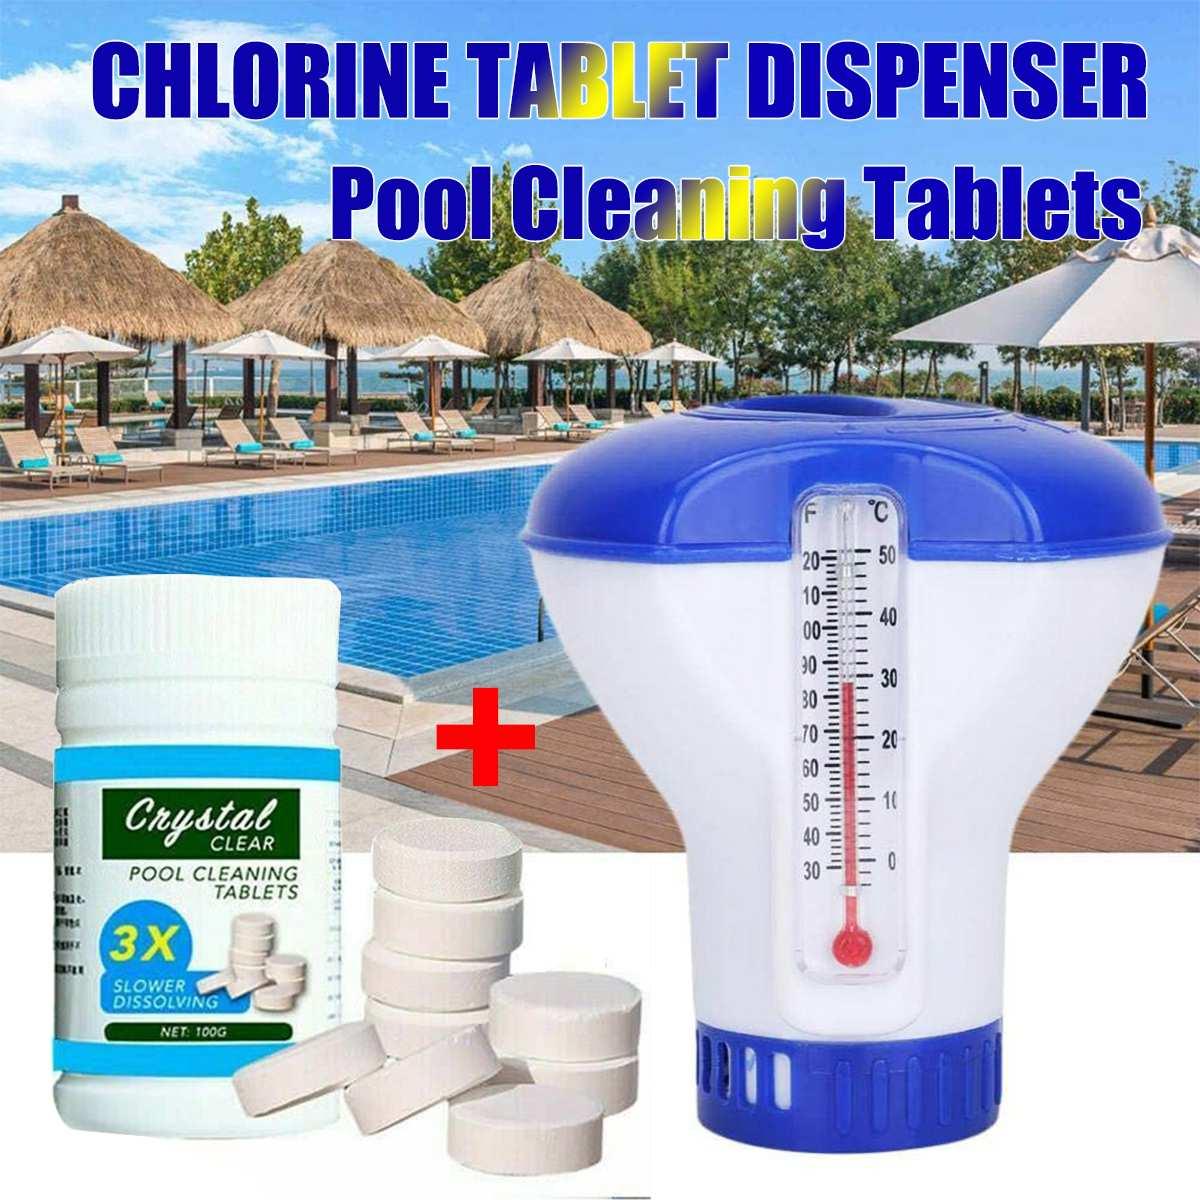 100 adet havuz temizleme efervesan klor tabletleri w dağıtıcı Crystal Clear kafes dezenfekte yüzme havuzu köpük temizleyici